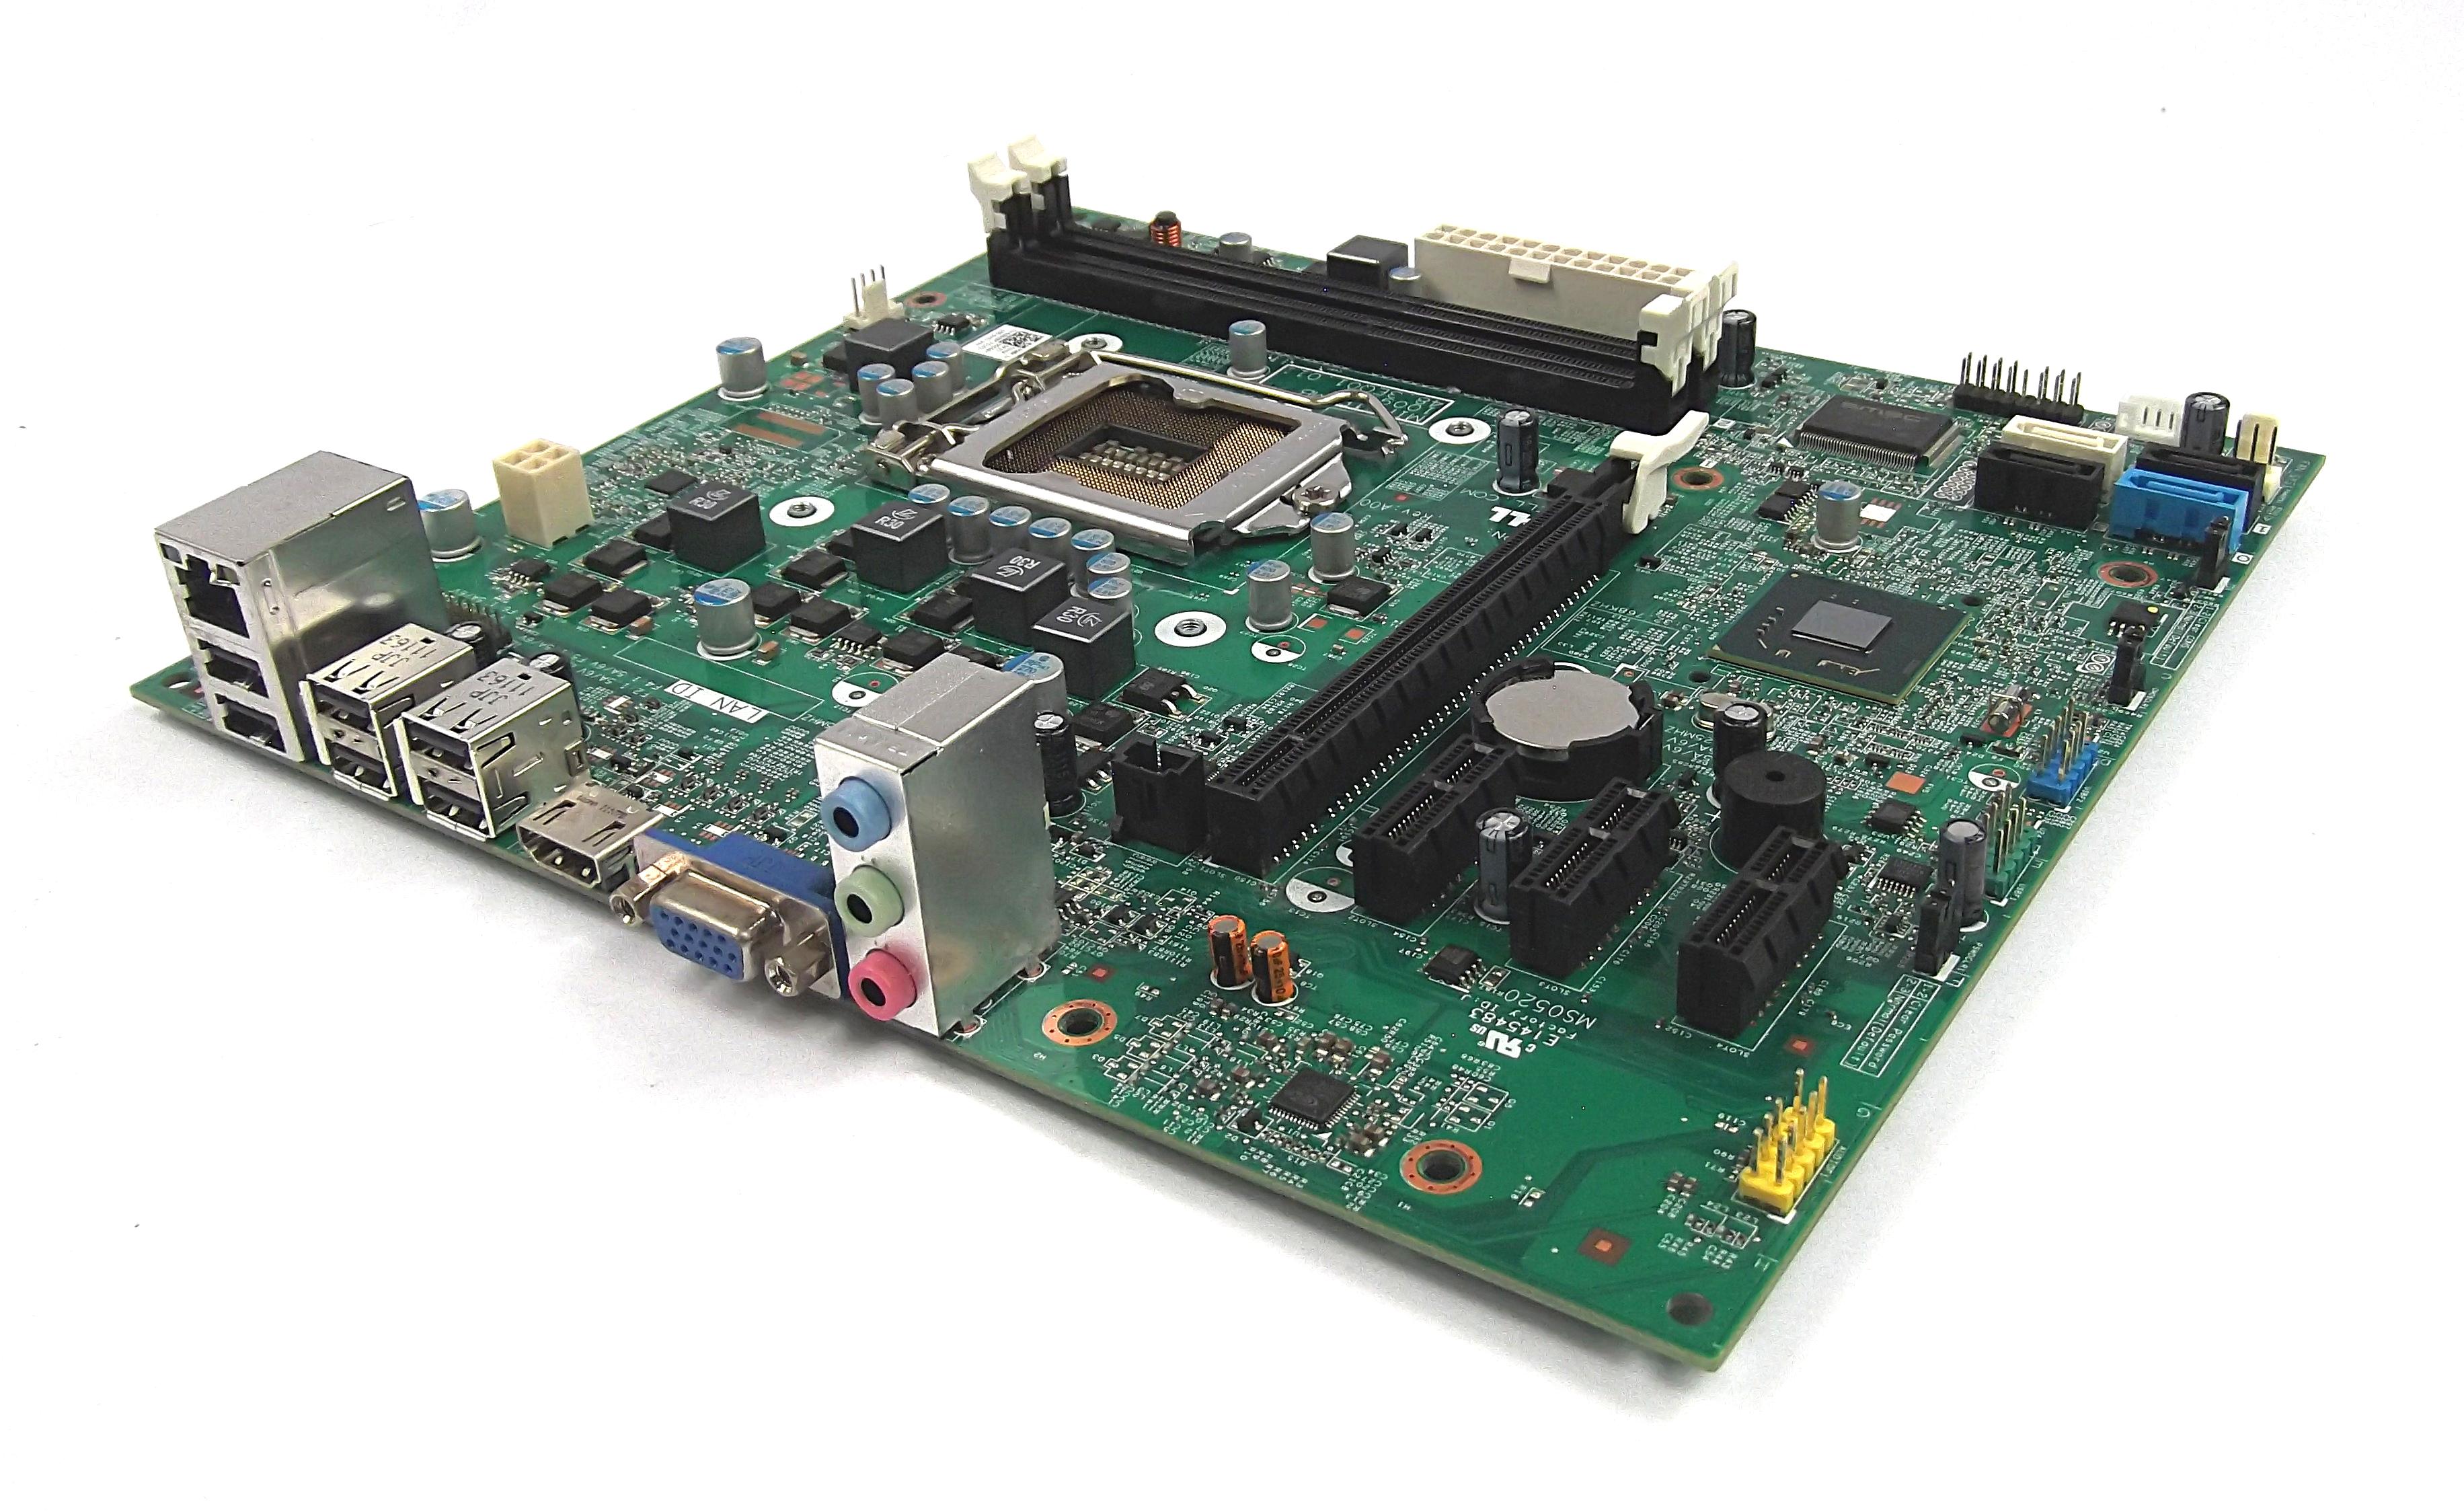 Dell GDG8Y 0GDG8Y Vostro 260/260s Socket LGA1155 Motherboard- MIH61R